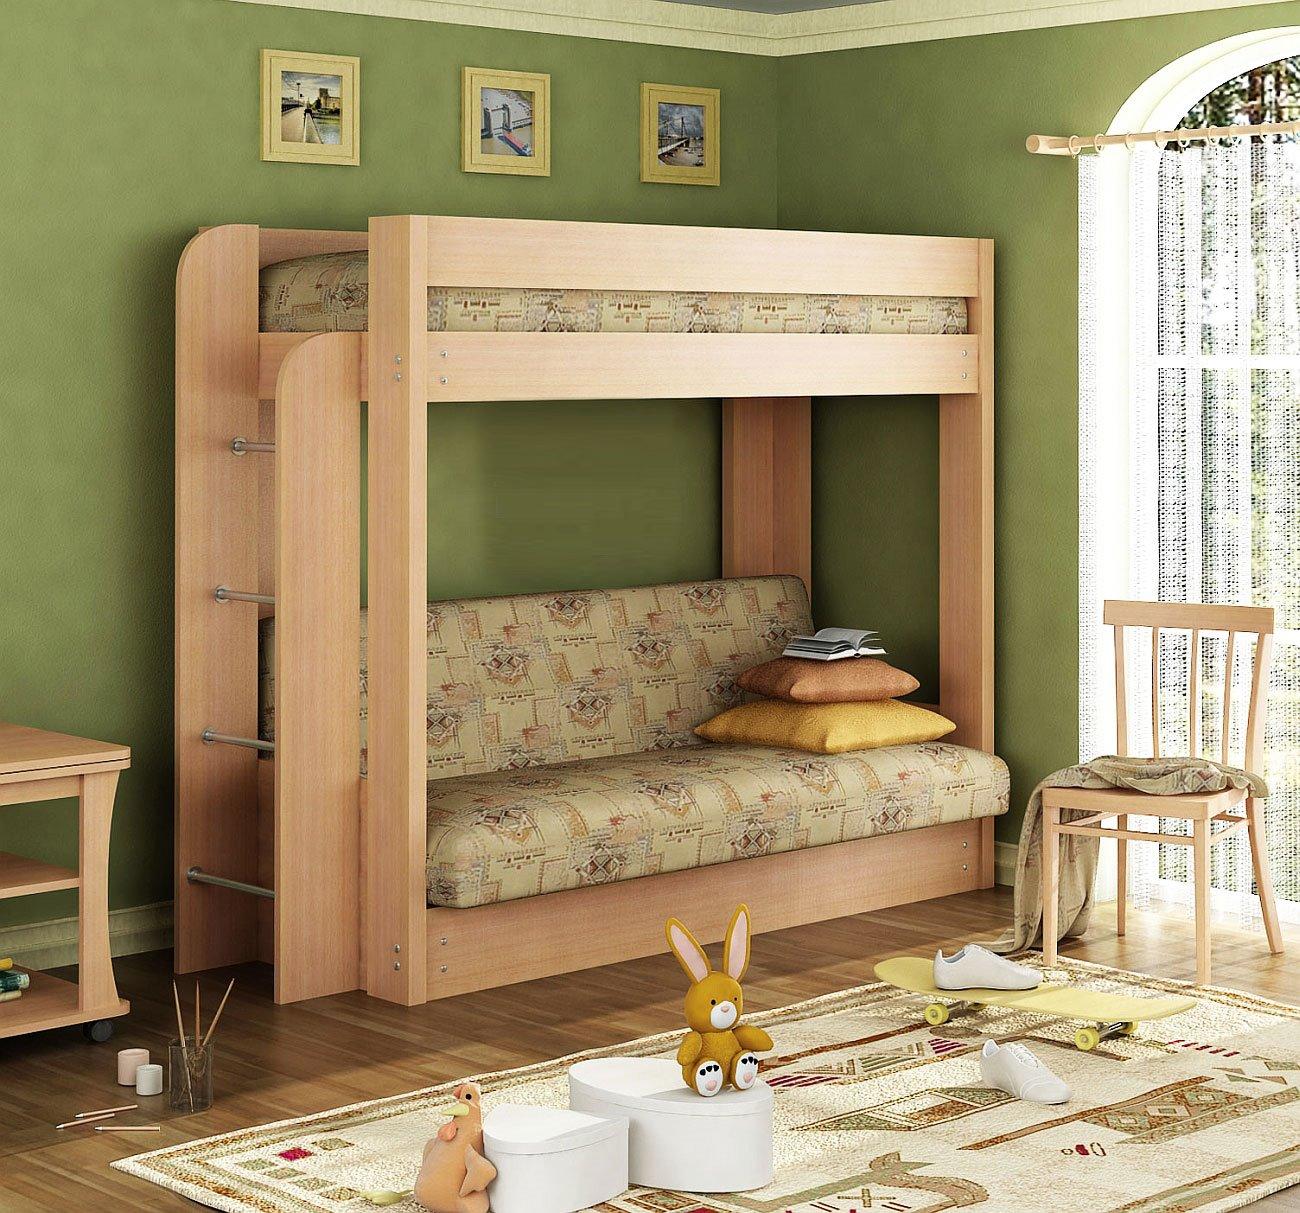 кровать двухъярусная с диван-кроватью картинки кого-кого